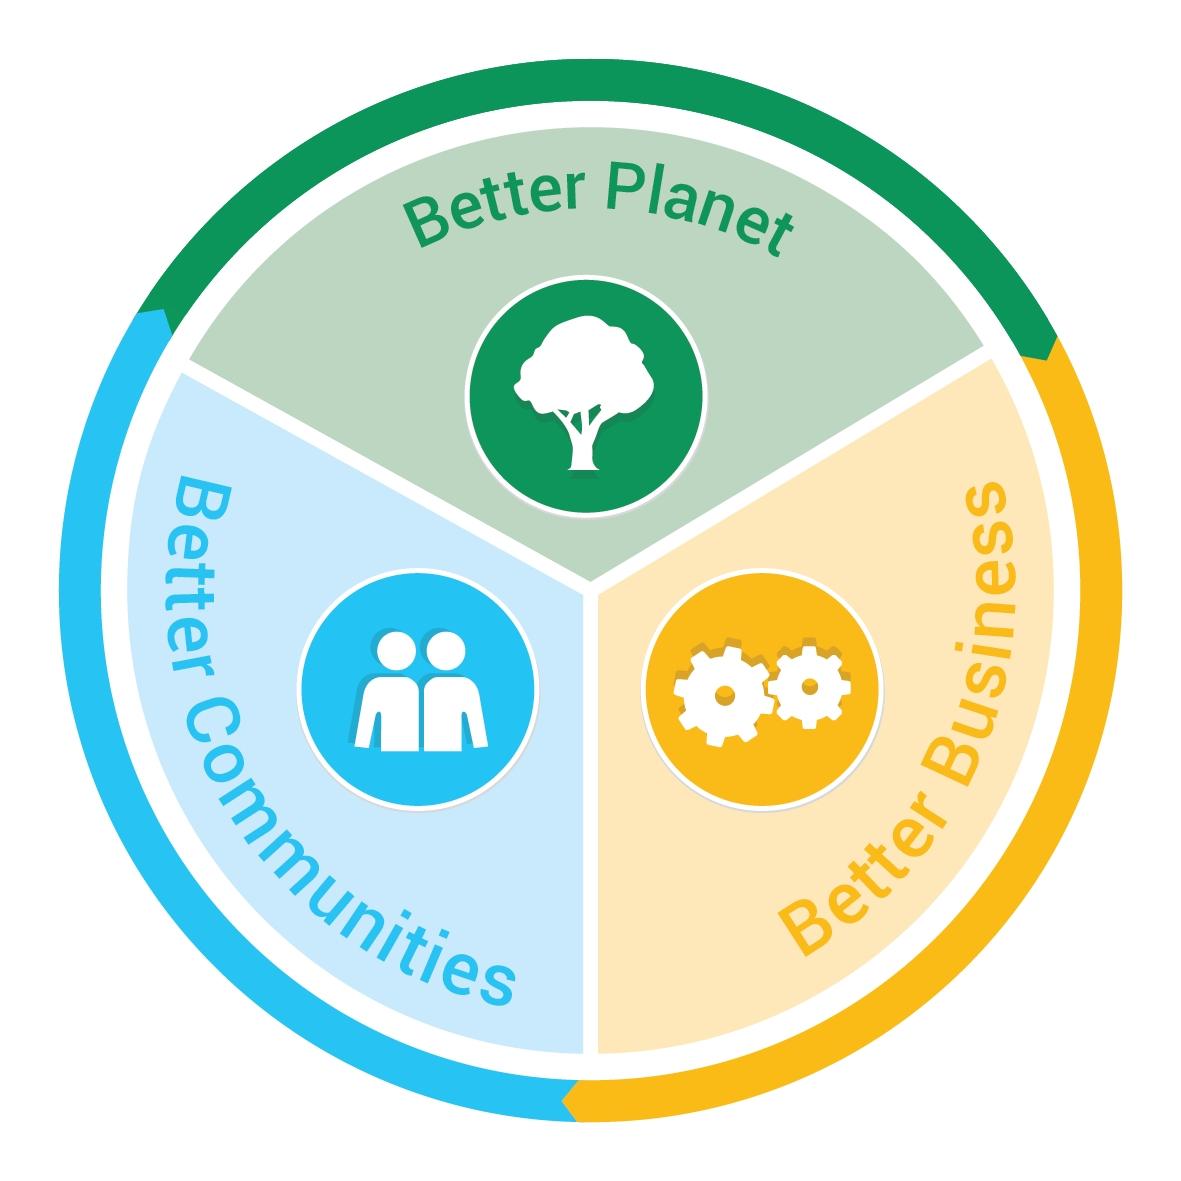 Brambles veröffentlicht Nachhaltigkeitsbericht 2016